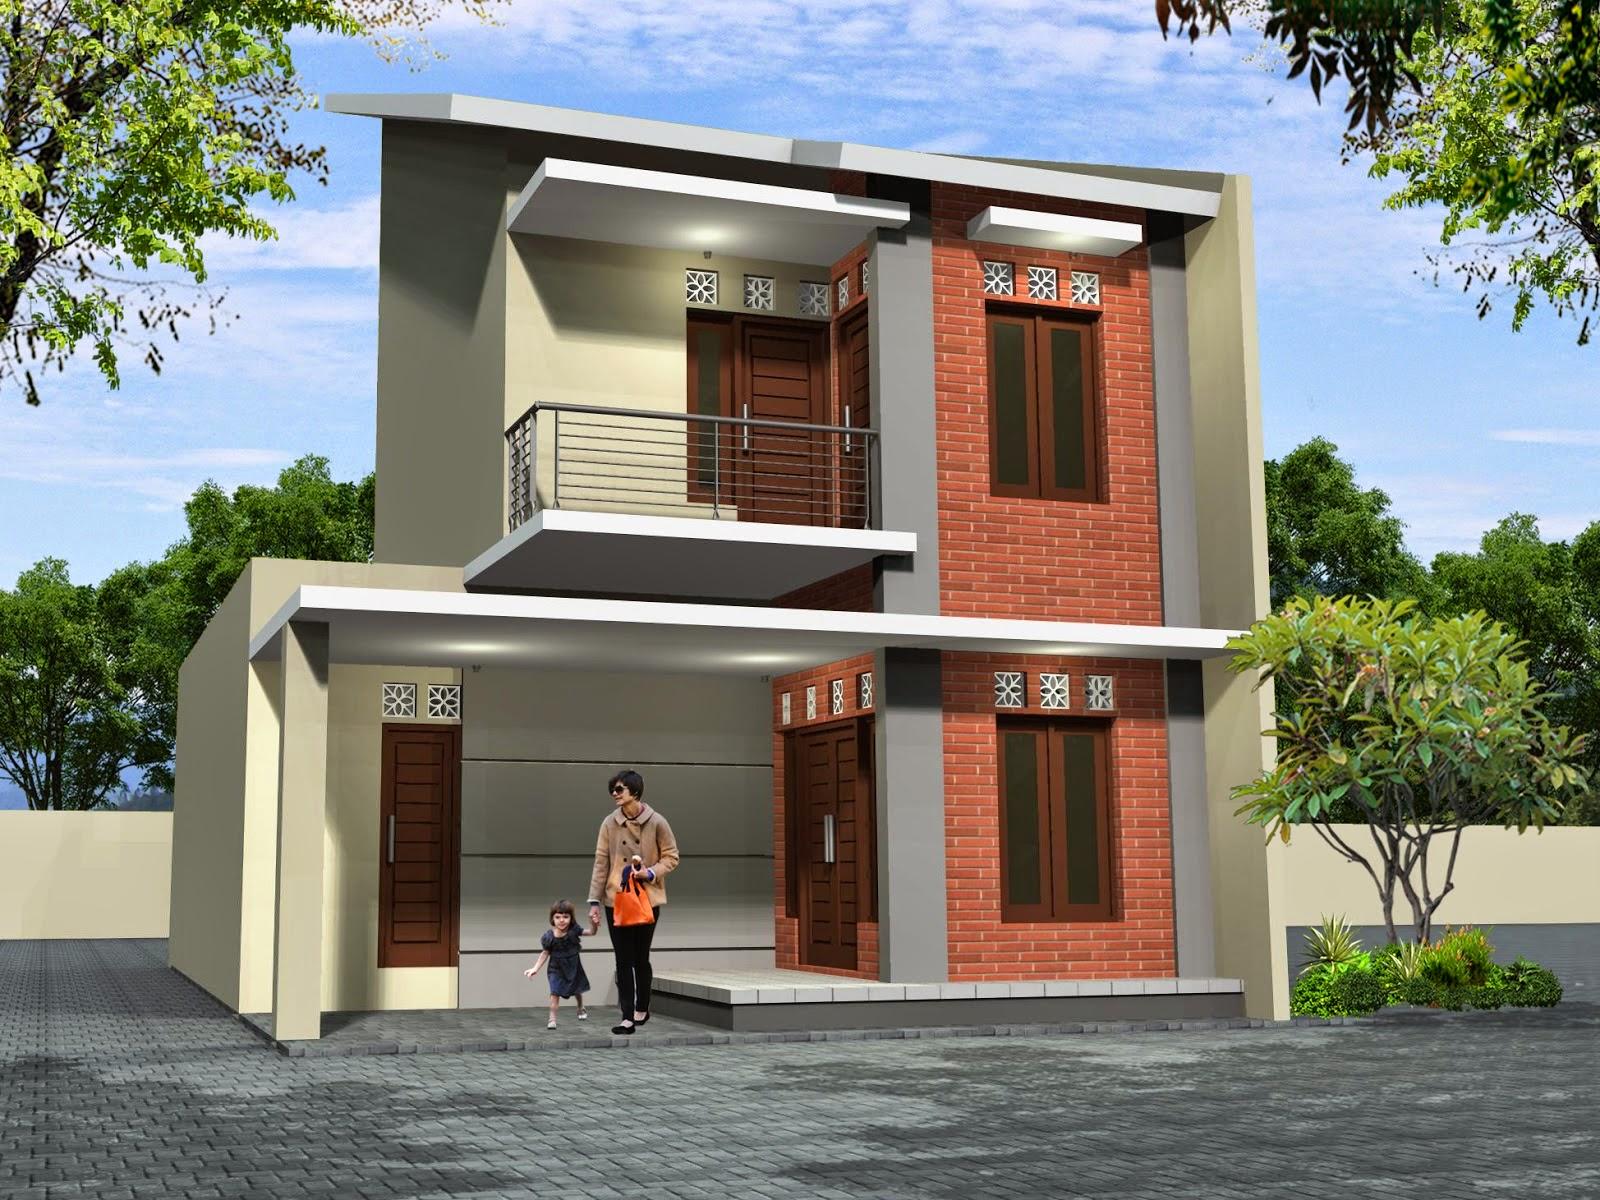 62 Desain Rumah Minimalis Type 60 2 Lantai Desain Rumah Minimalis